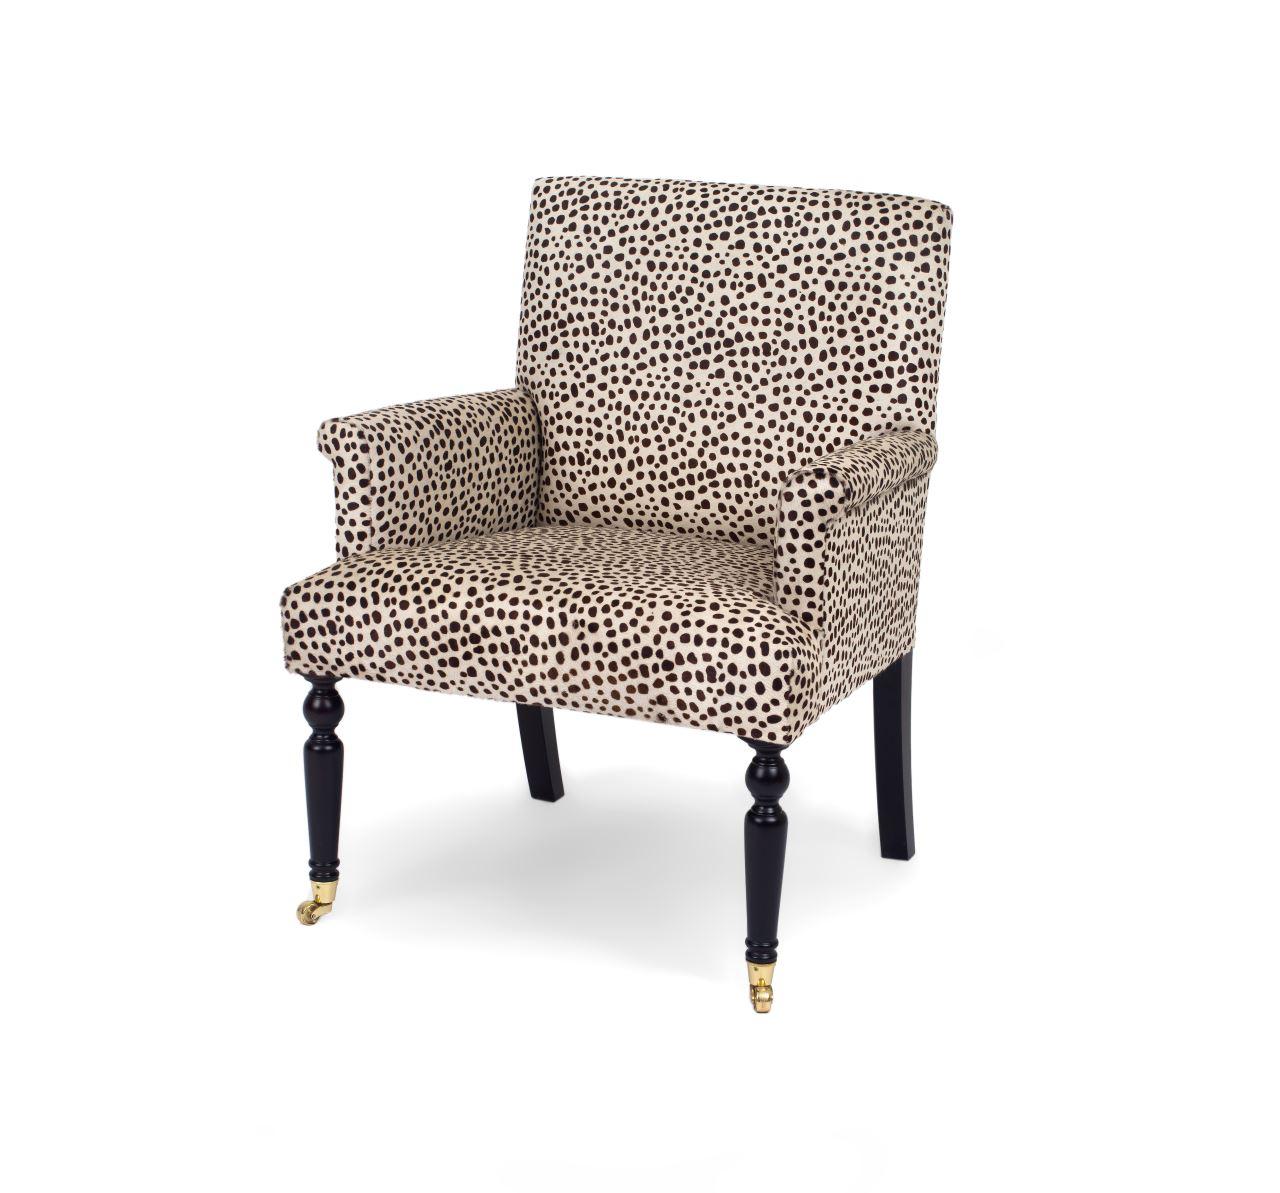 Pony skin chair